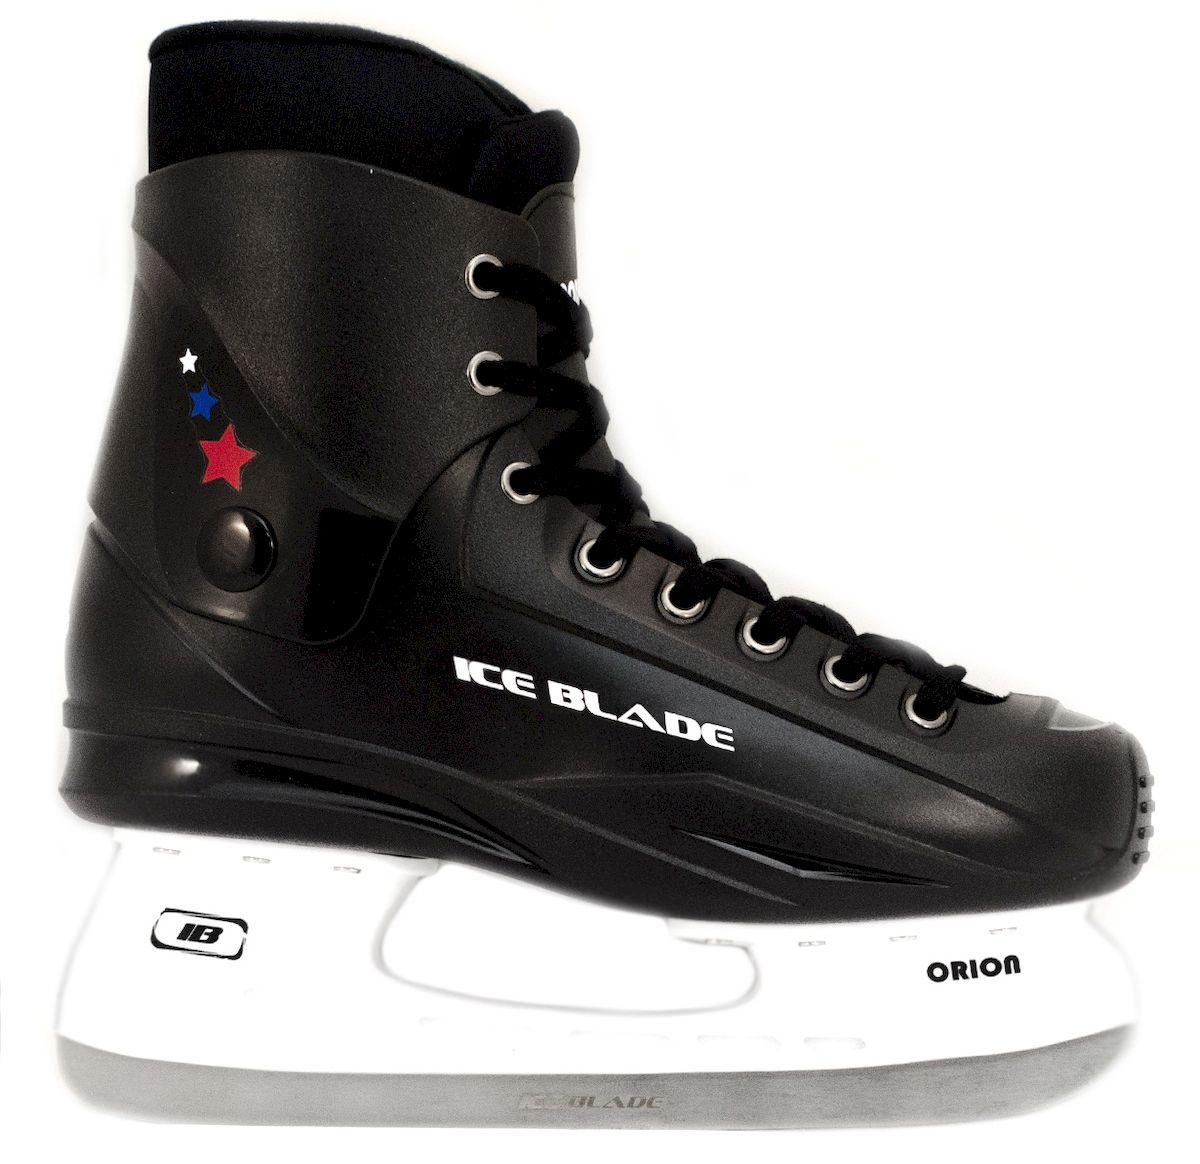 Коньки хоккейные Ice Blade Orion, цвет: черный. УТ-00004984. Размер 40